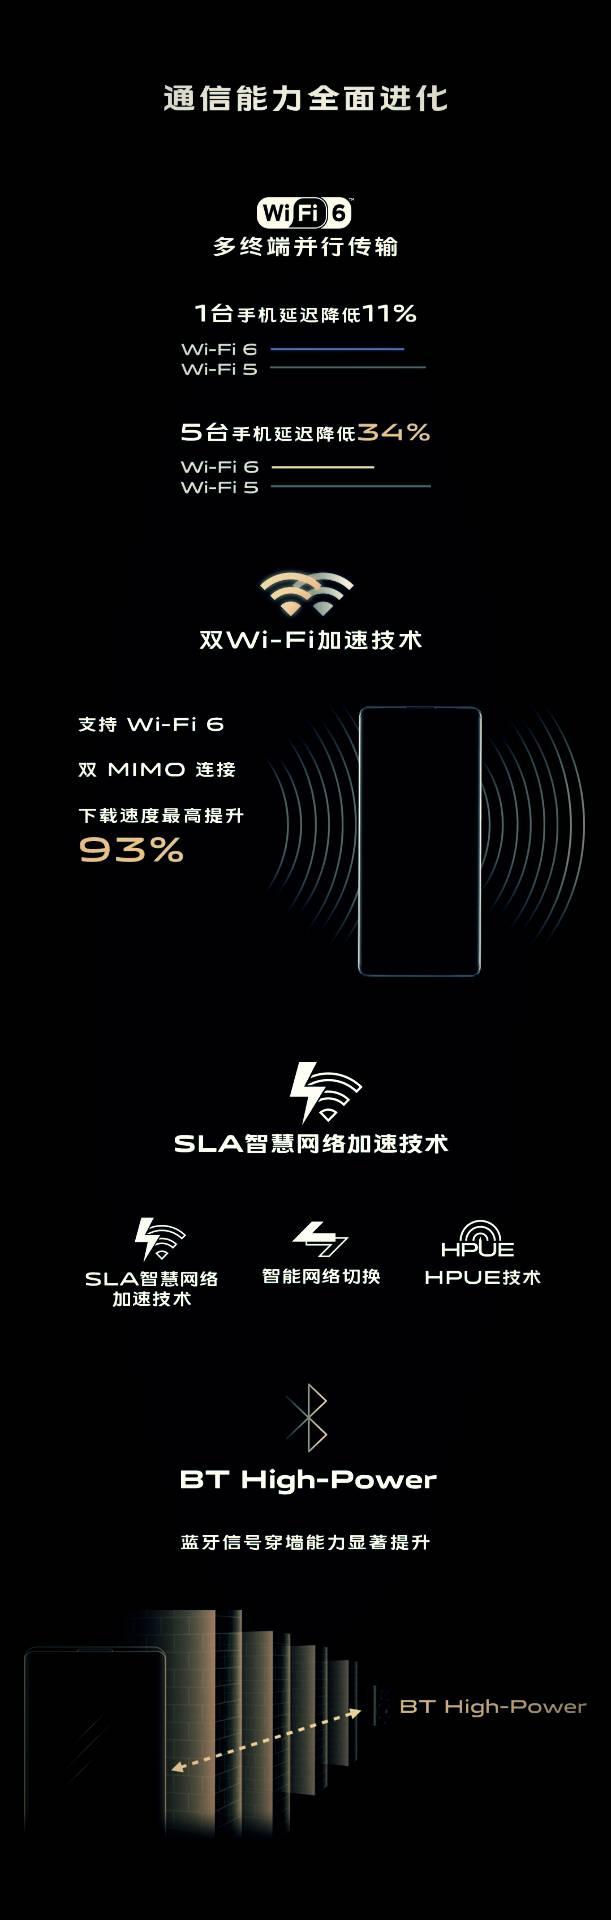 Vivo Nexus 3s 5G img 2